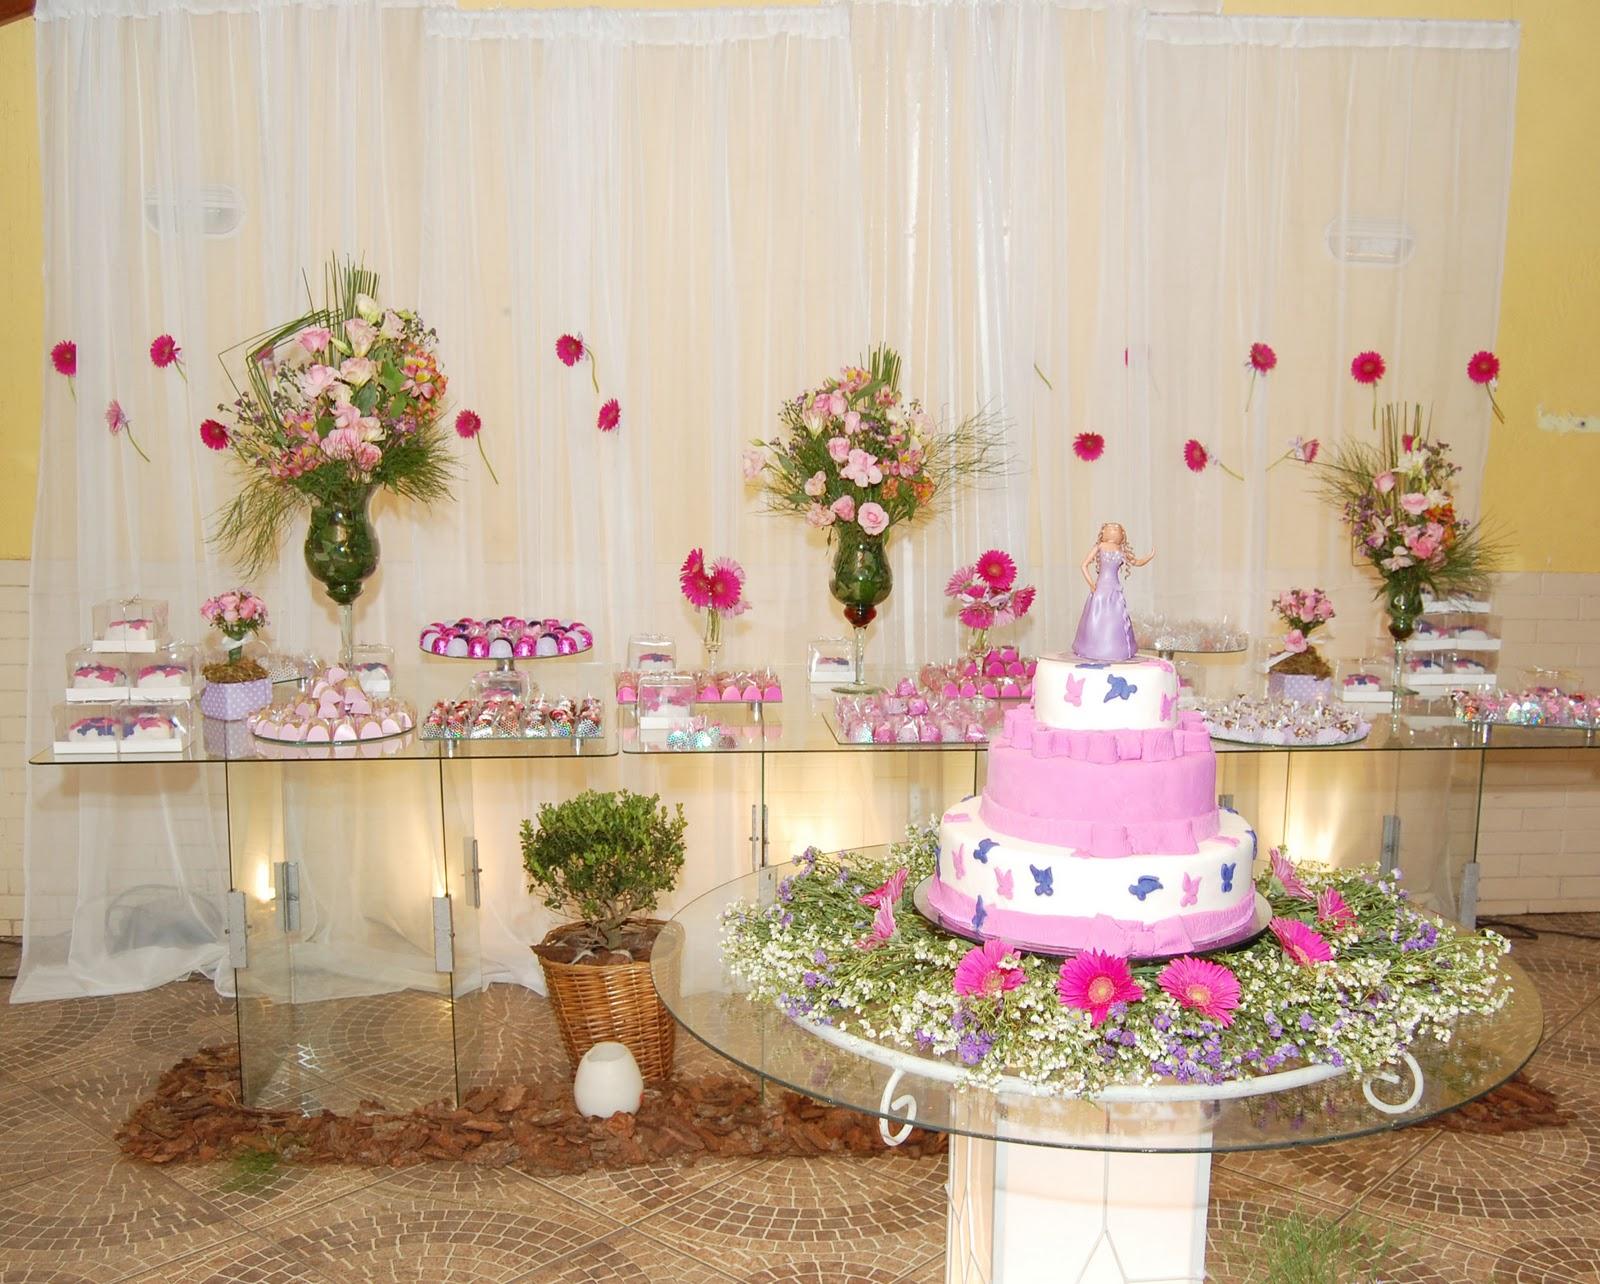 decoracao festa simples:Como fazer uma Decoração de Festa de 15 anos Simples e barata